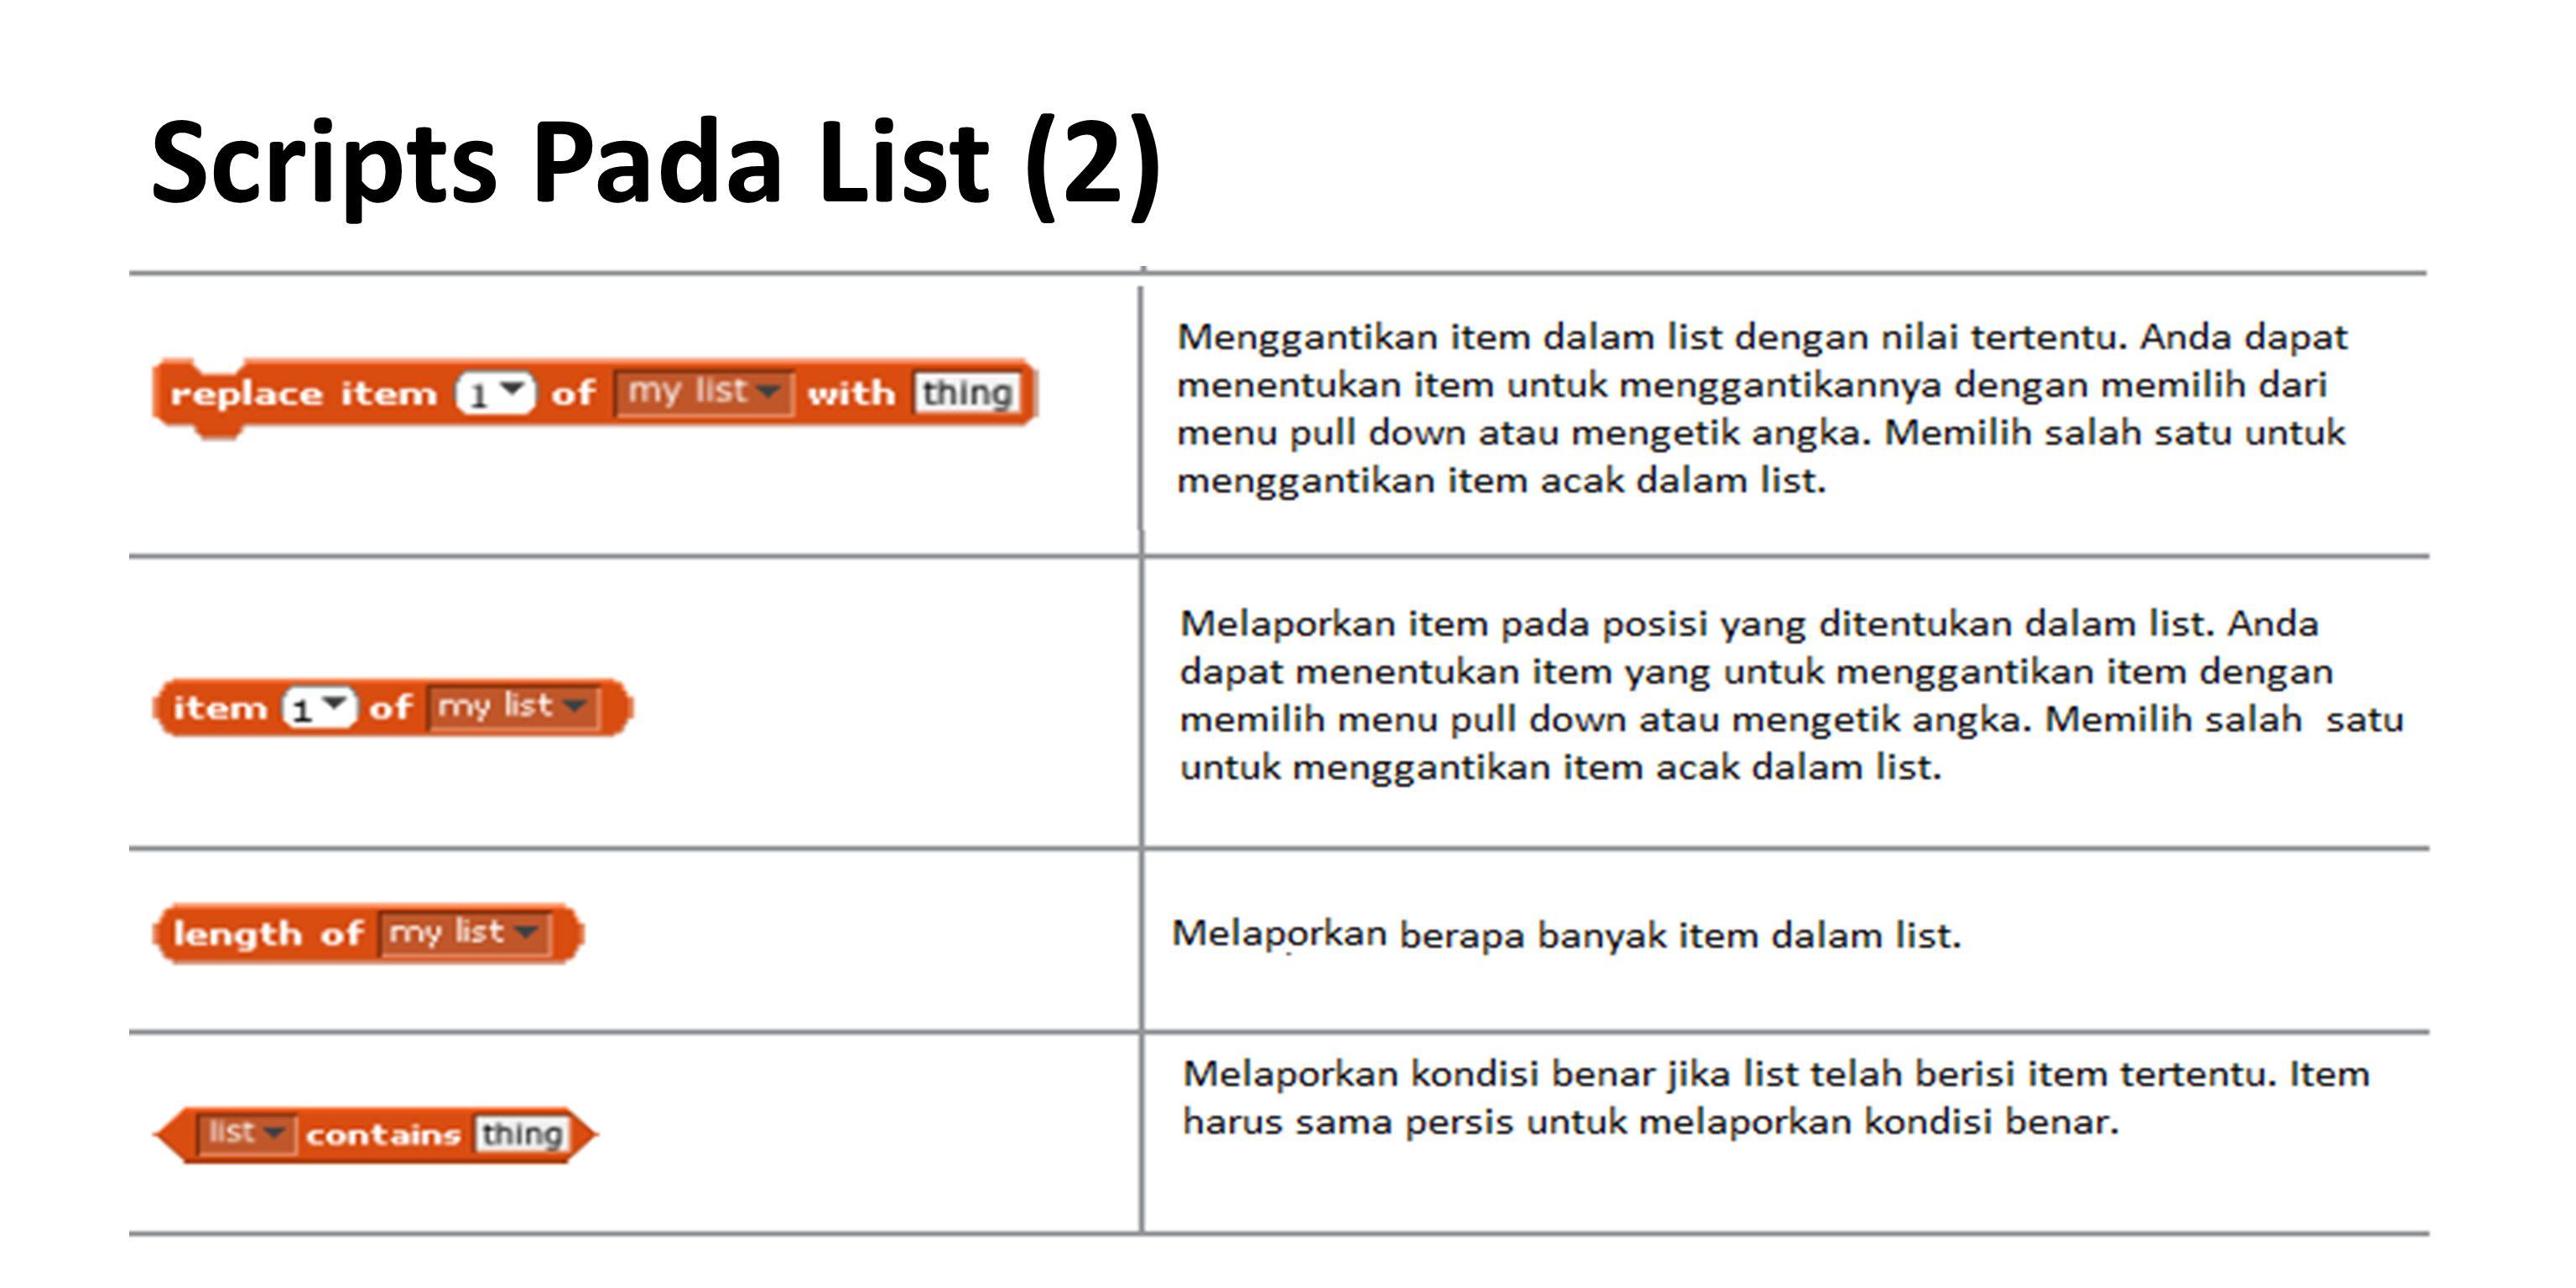 Scripts Pada List (2)